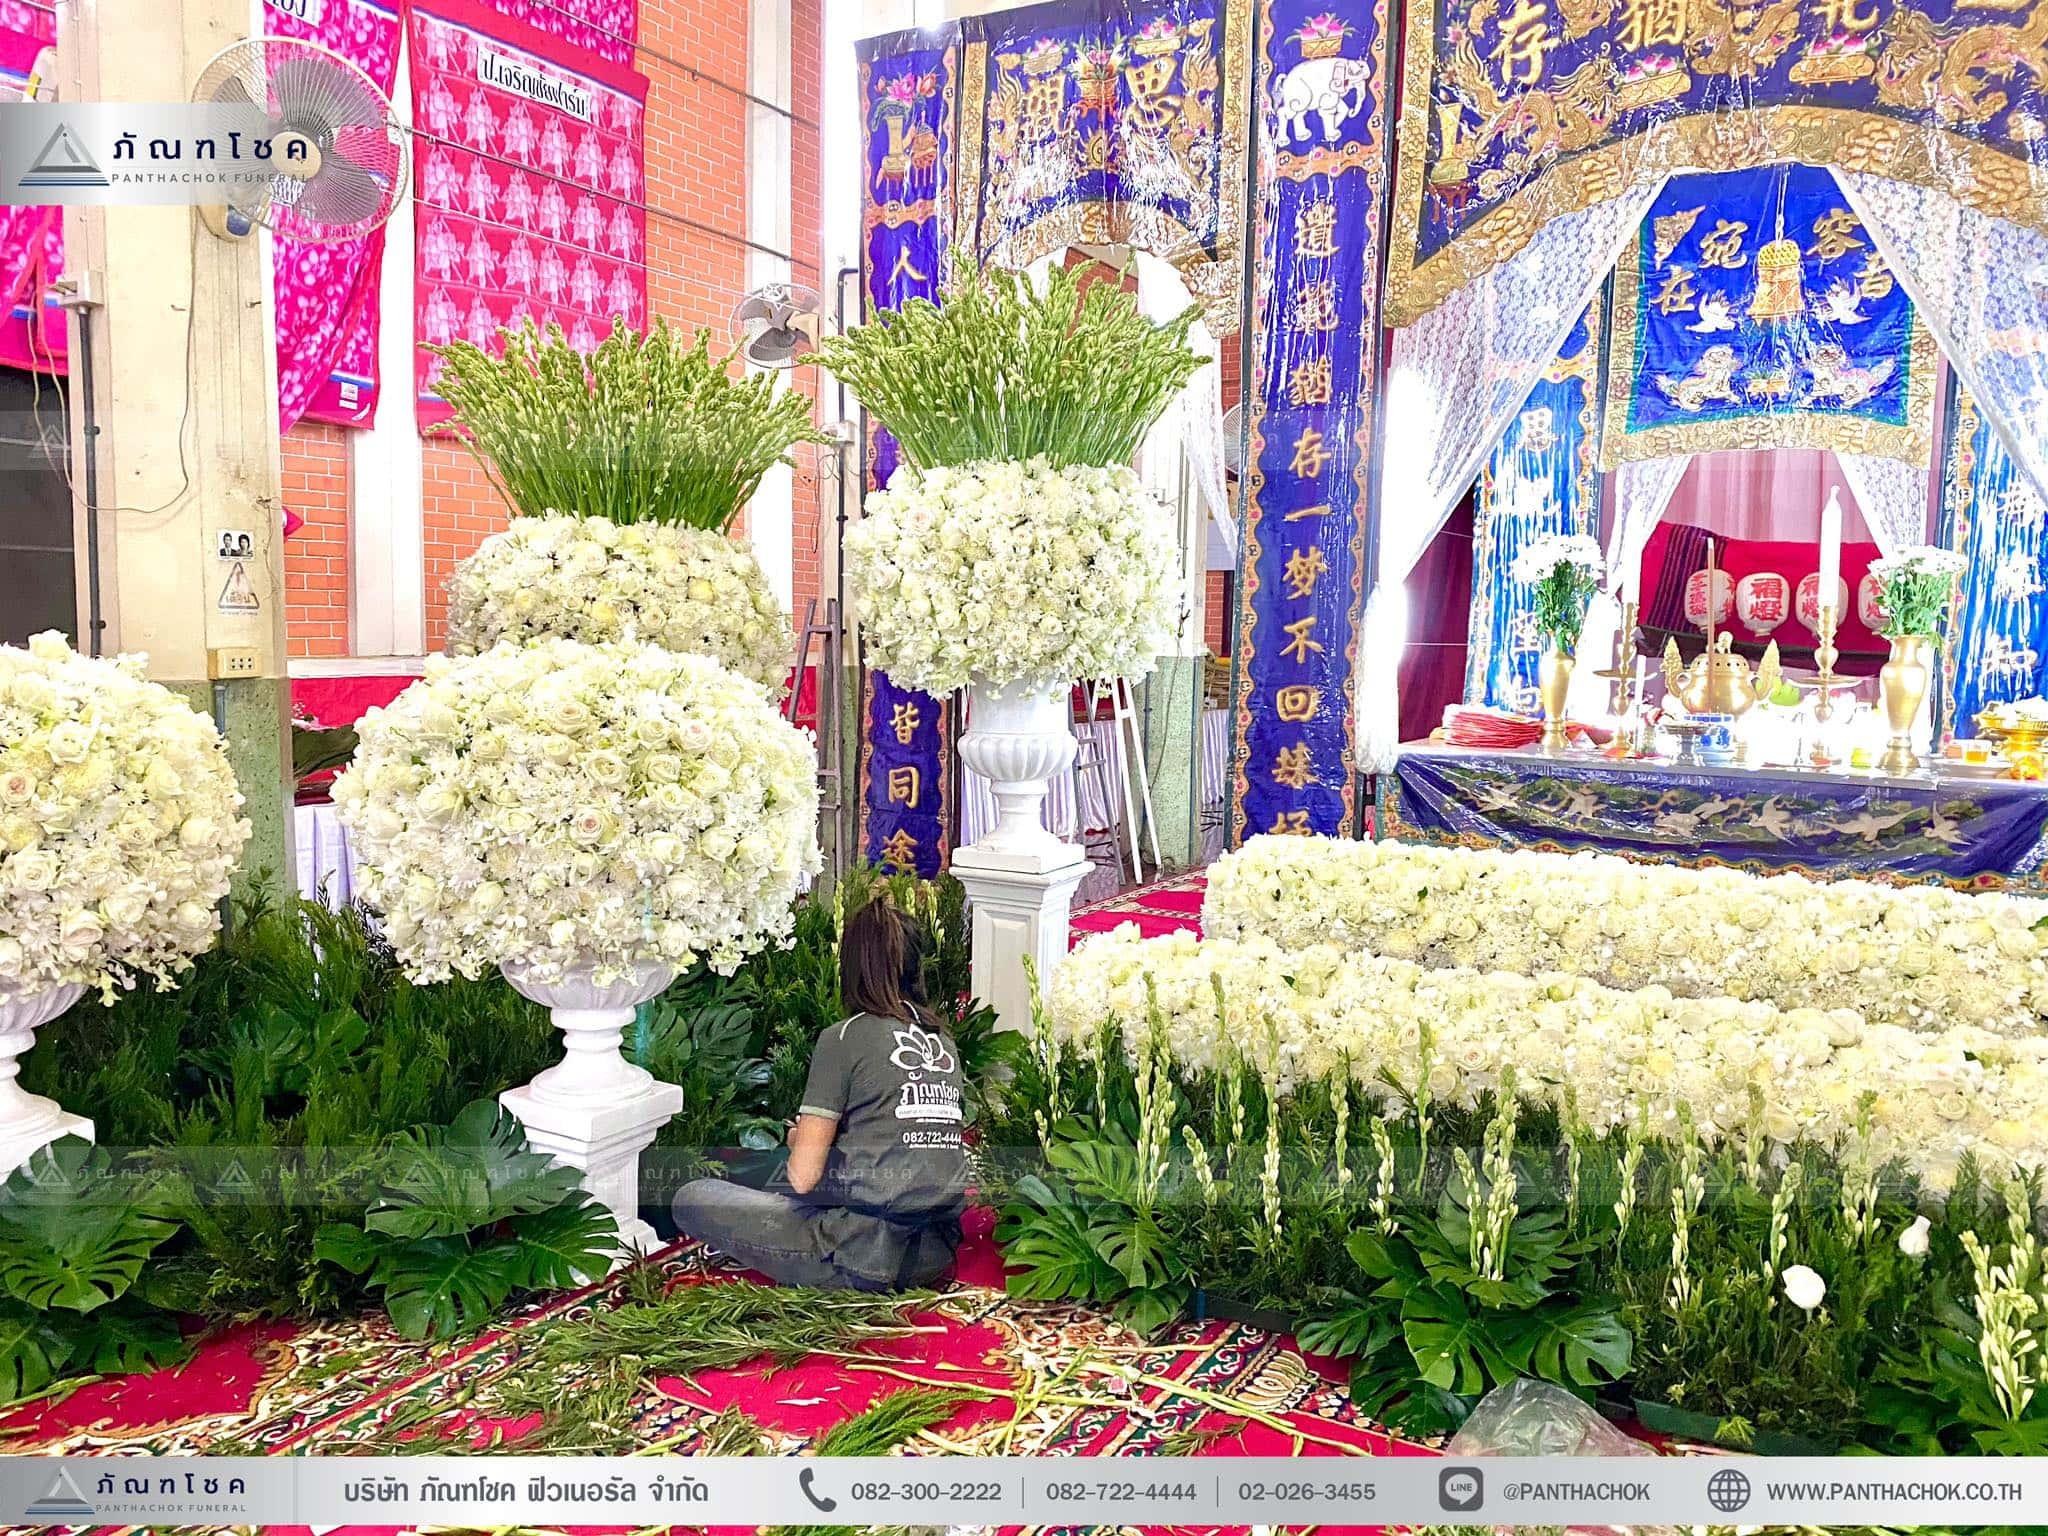 ดอกไม้ประดับหน้าฉากกงเต๊ก ณ วัดลาดบัวหลวง พระนครศรีอยุธยา 4